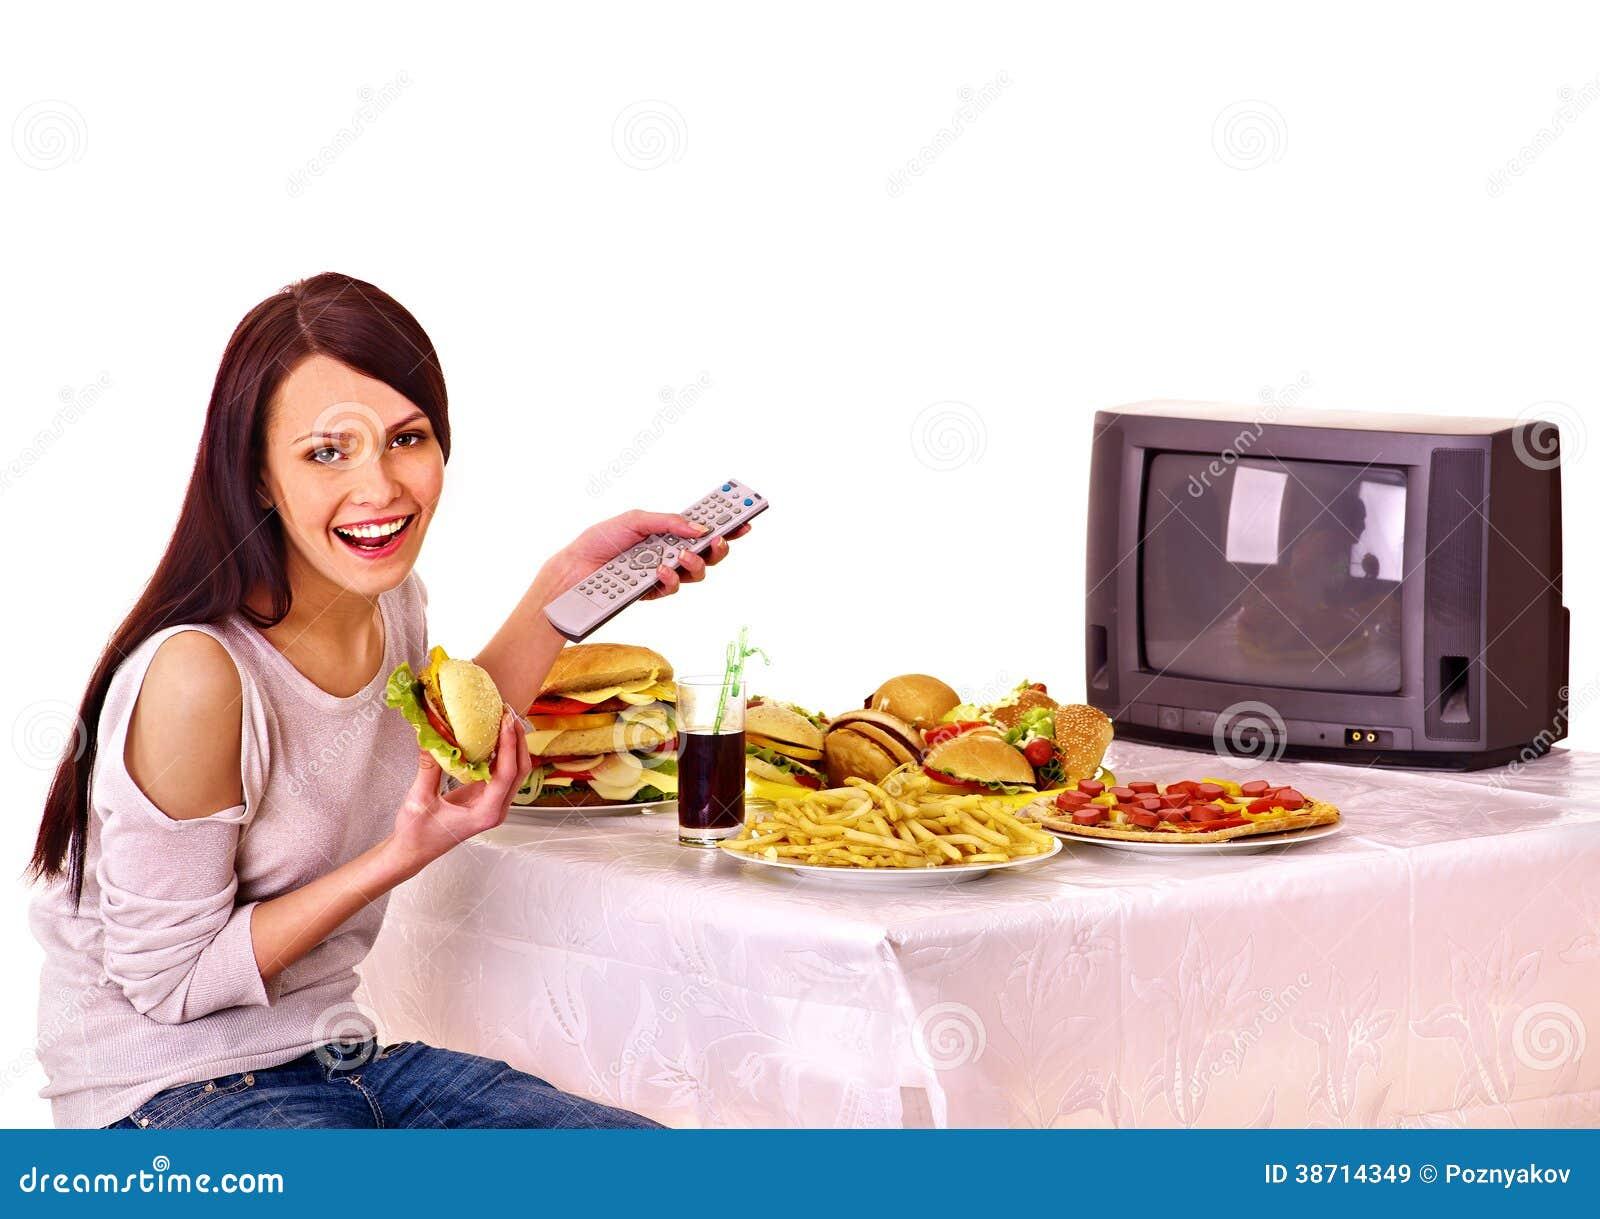 Raw Food Eating Plan